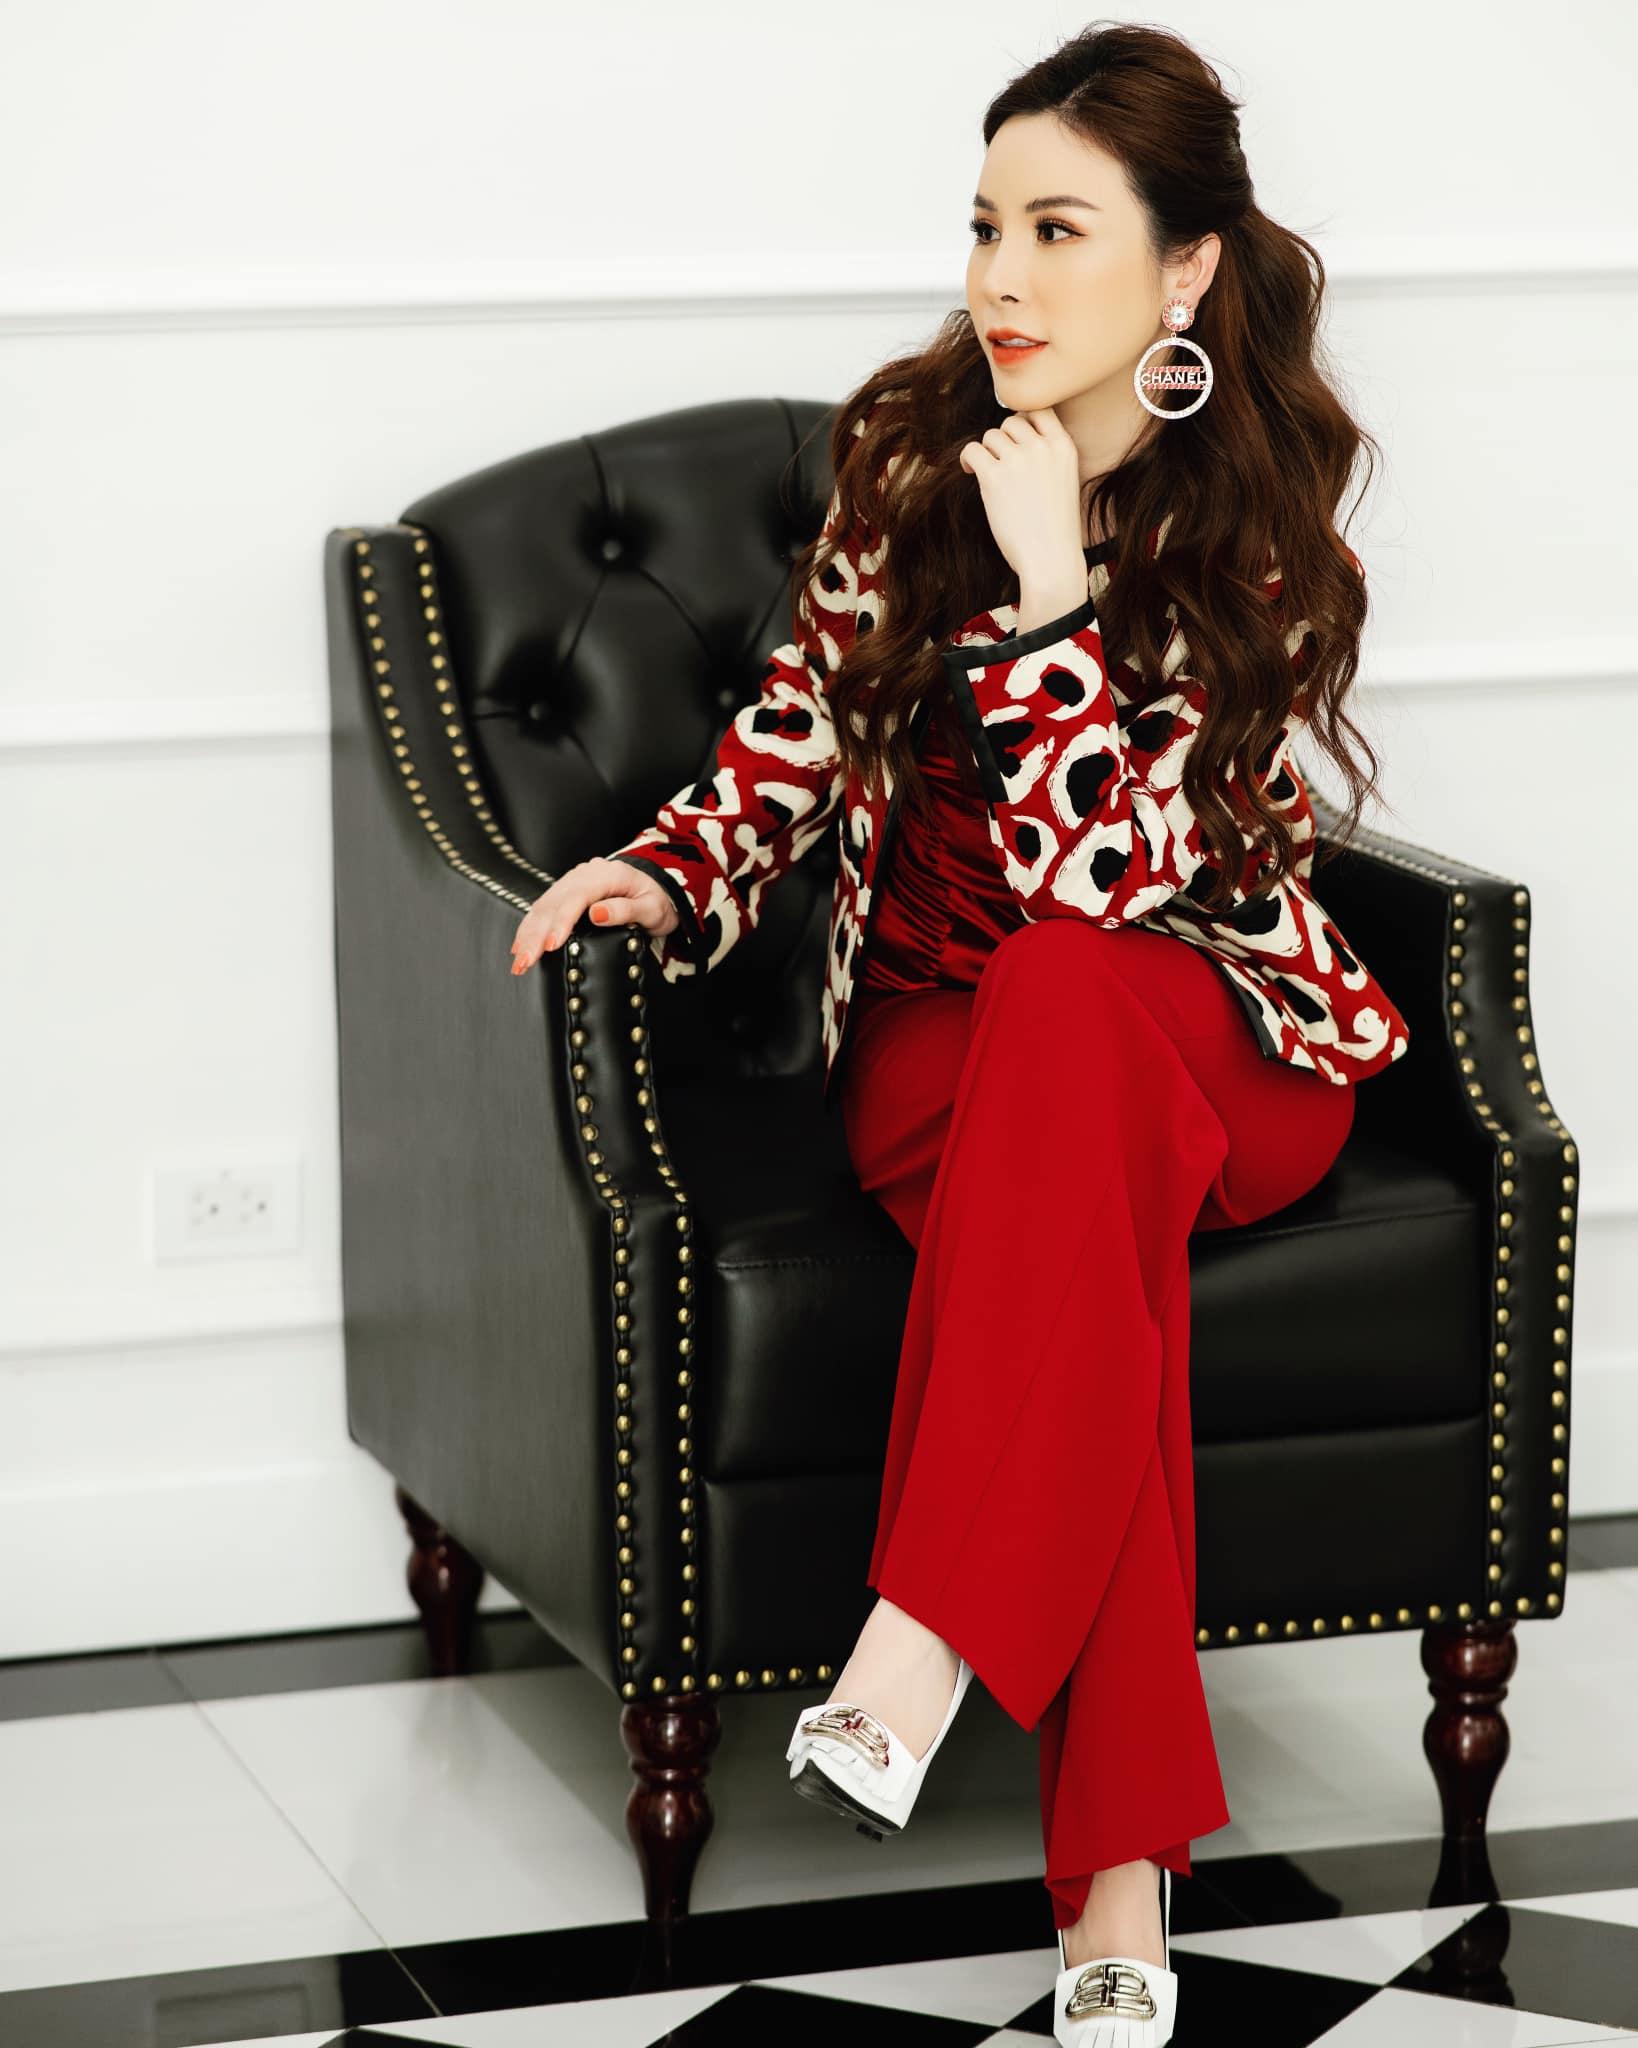 Sành hàng hiệu nhất nhì Vbiz, Hoa hậu Hoàng Dung lên đồ diện Tết với những outfit sang chảnh ngập tràn đồ hiệu - Ảnh 1.